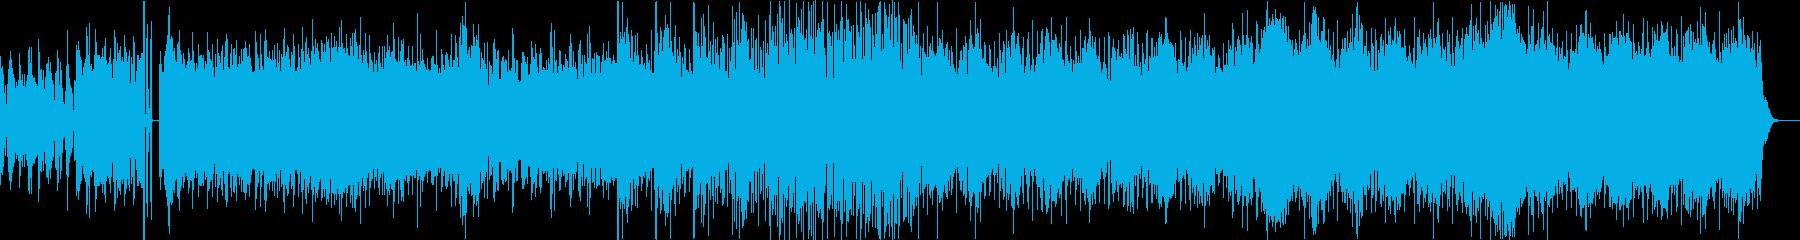 うねる雰囲気のエレクトロニカの再生済みの波形